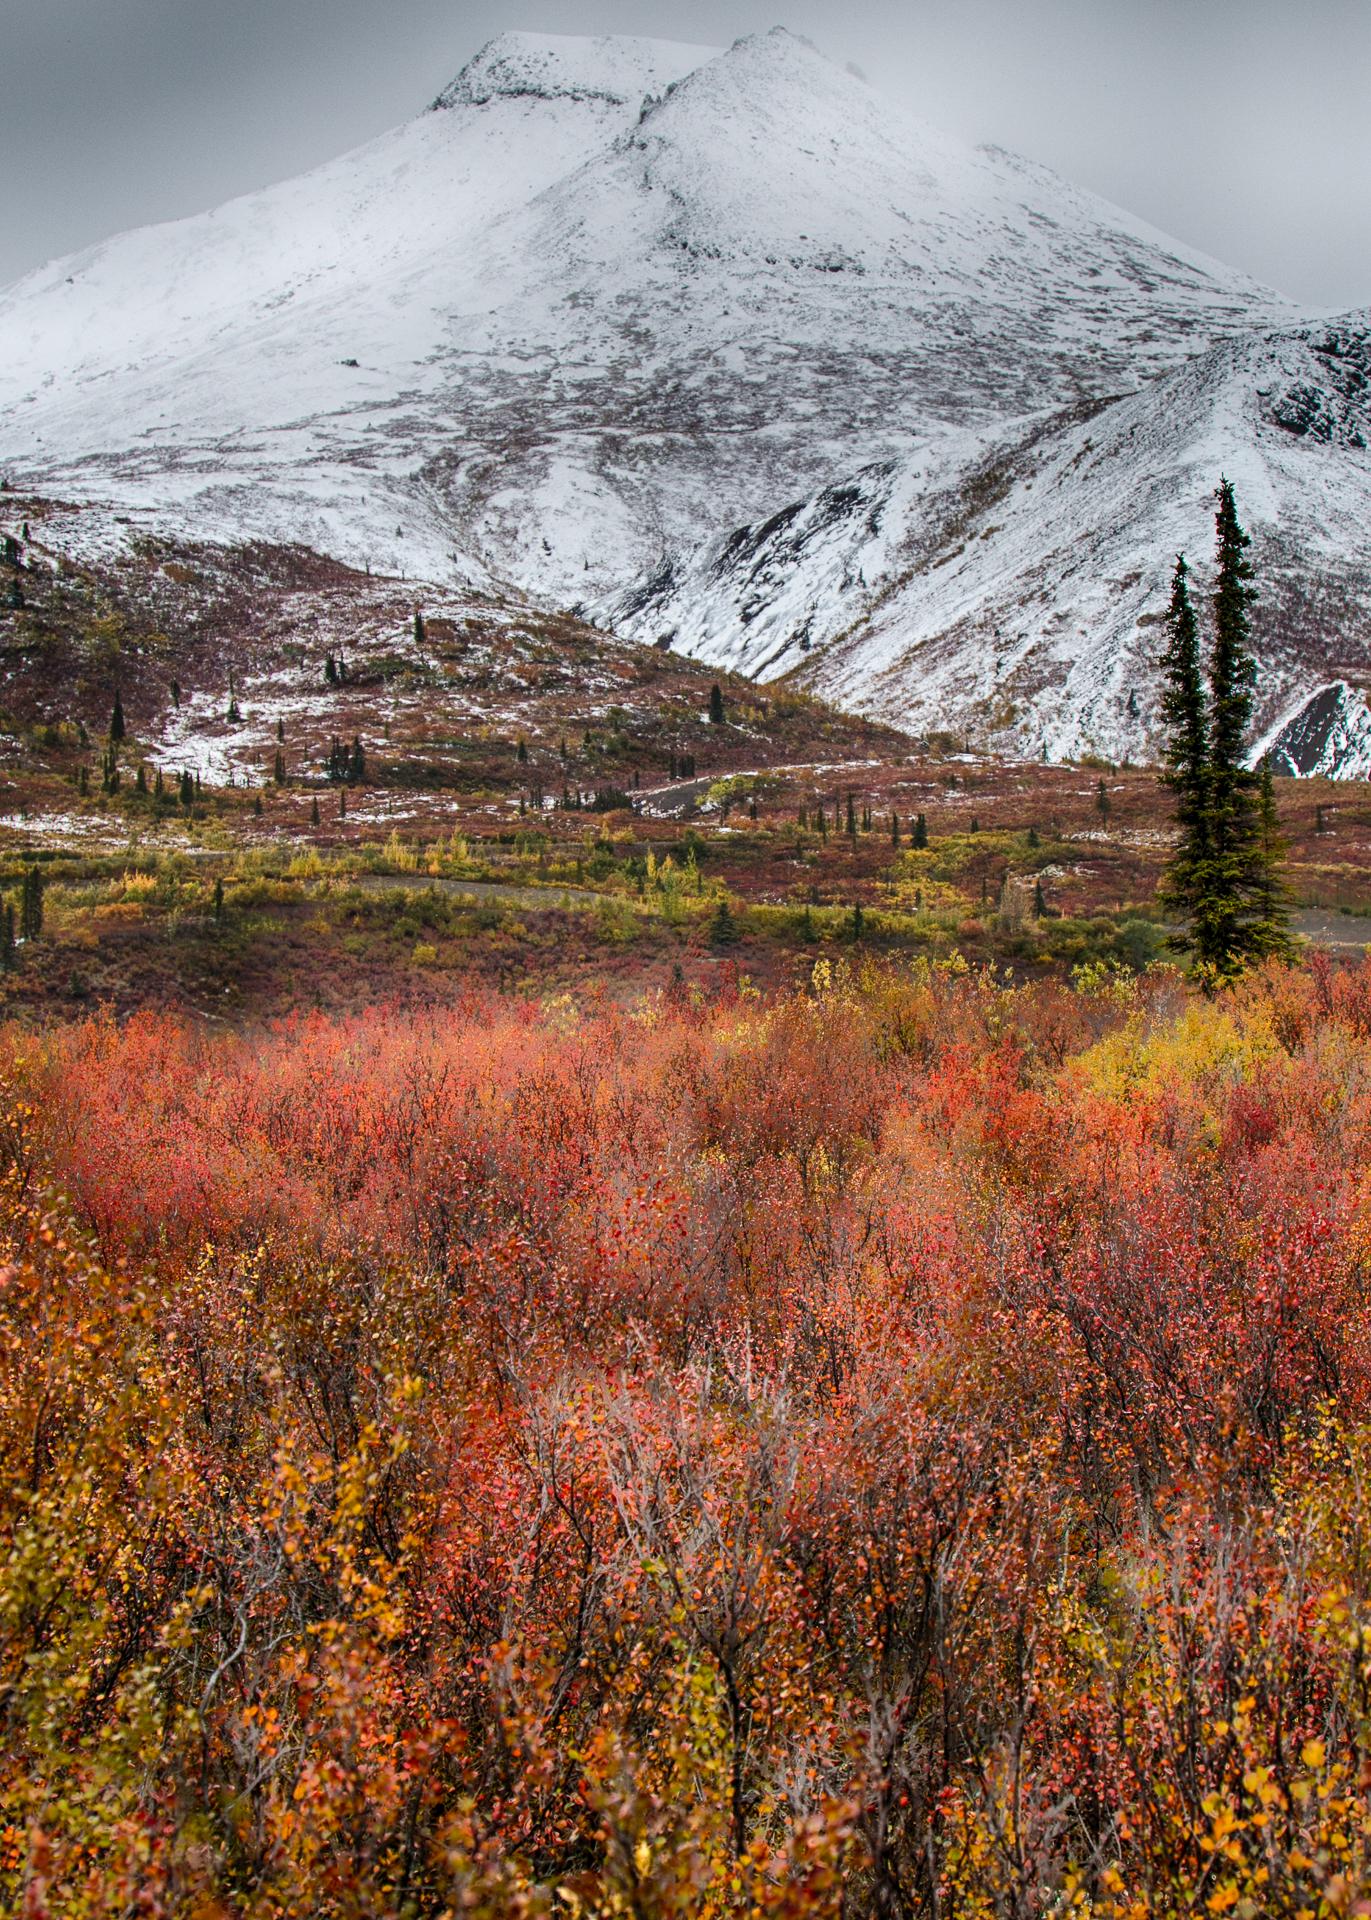 The fall colours were pretty amazing.